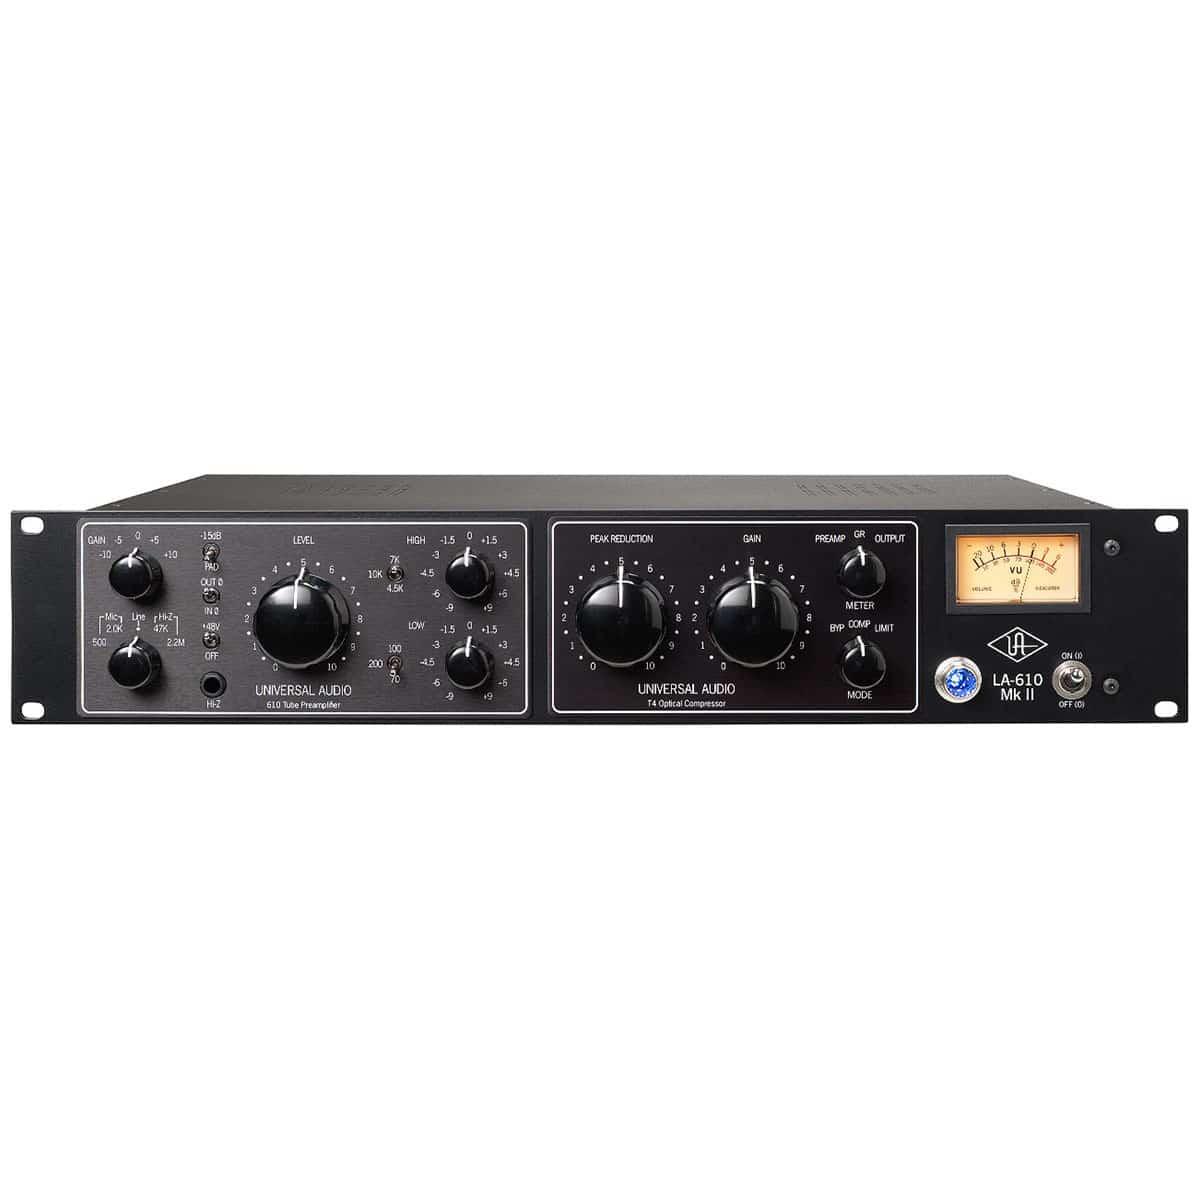 Universal Audio LA 610 mkii channel strip 01 Pro Audio, Outboard, Preamplificatori Microfonici, Channel Strip